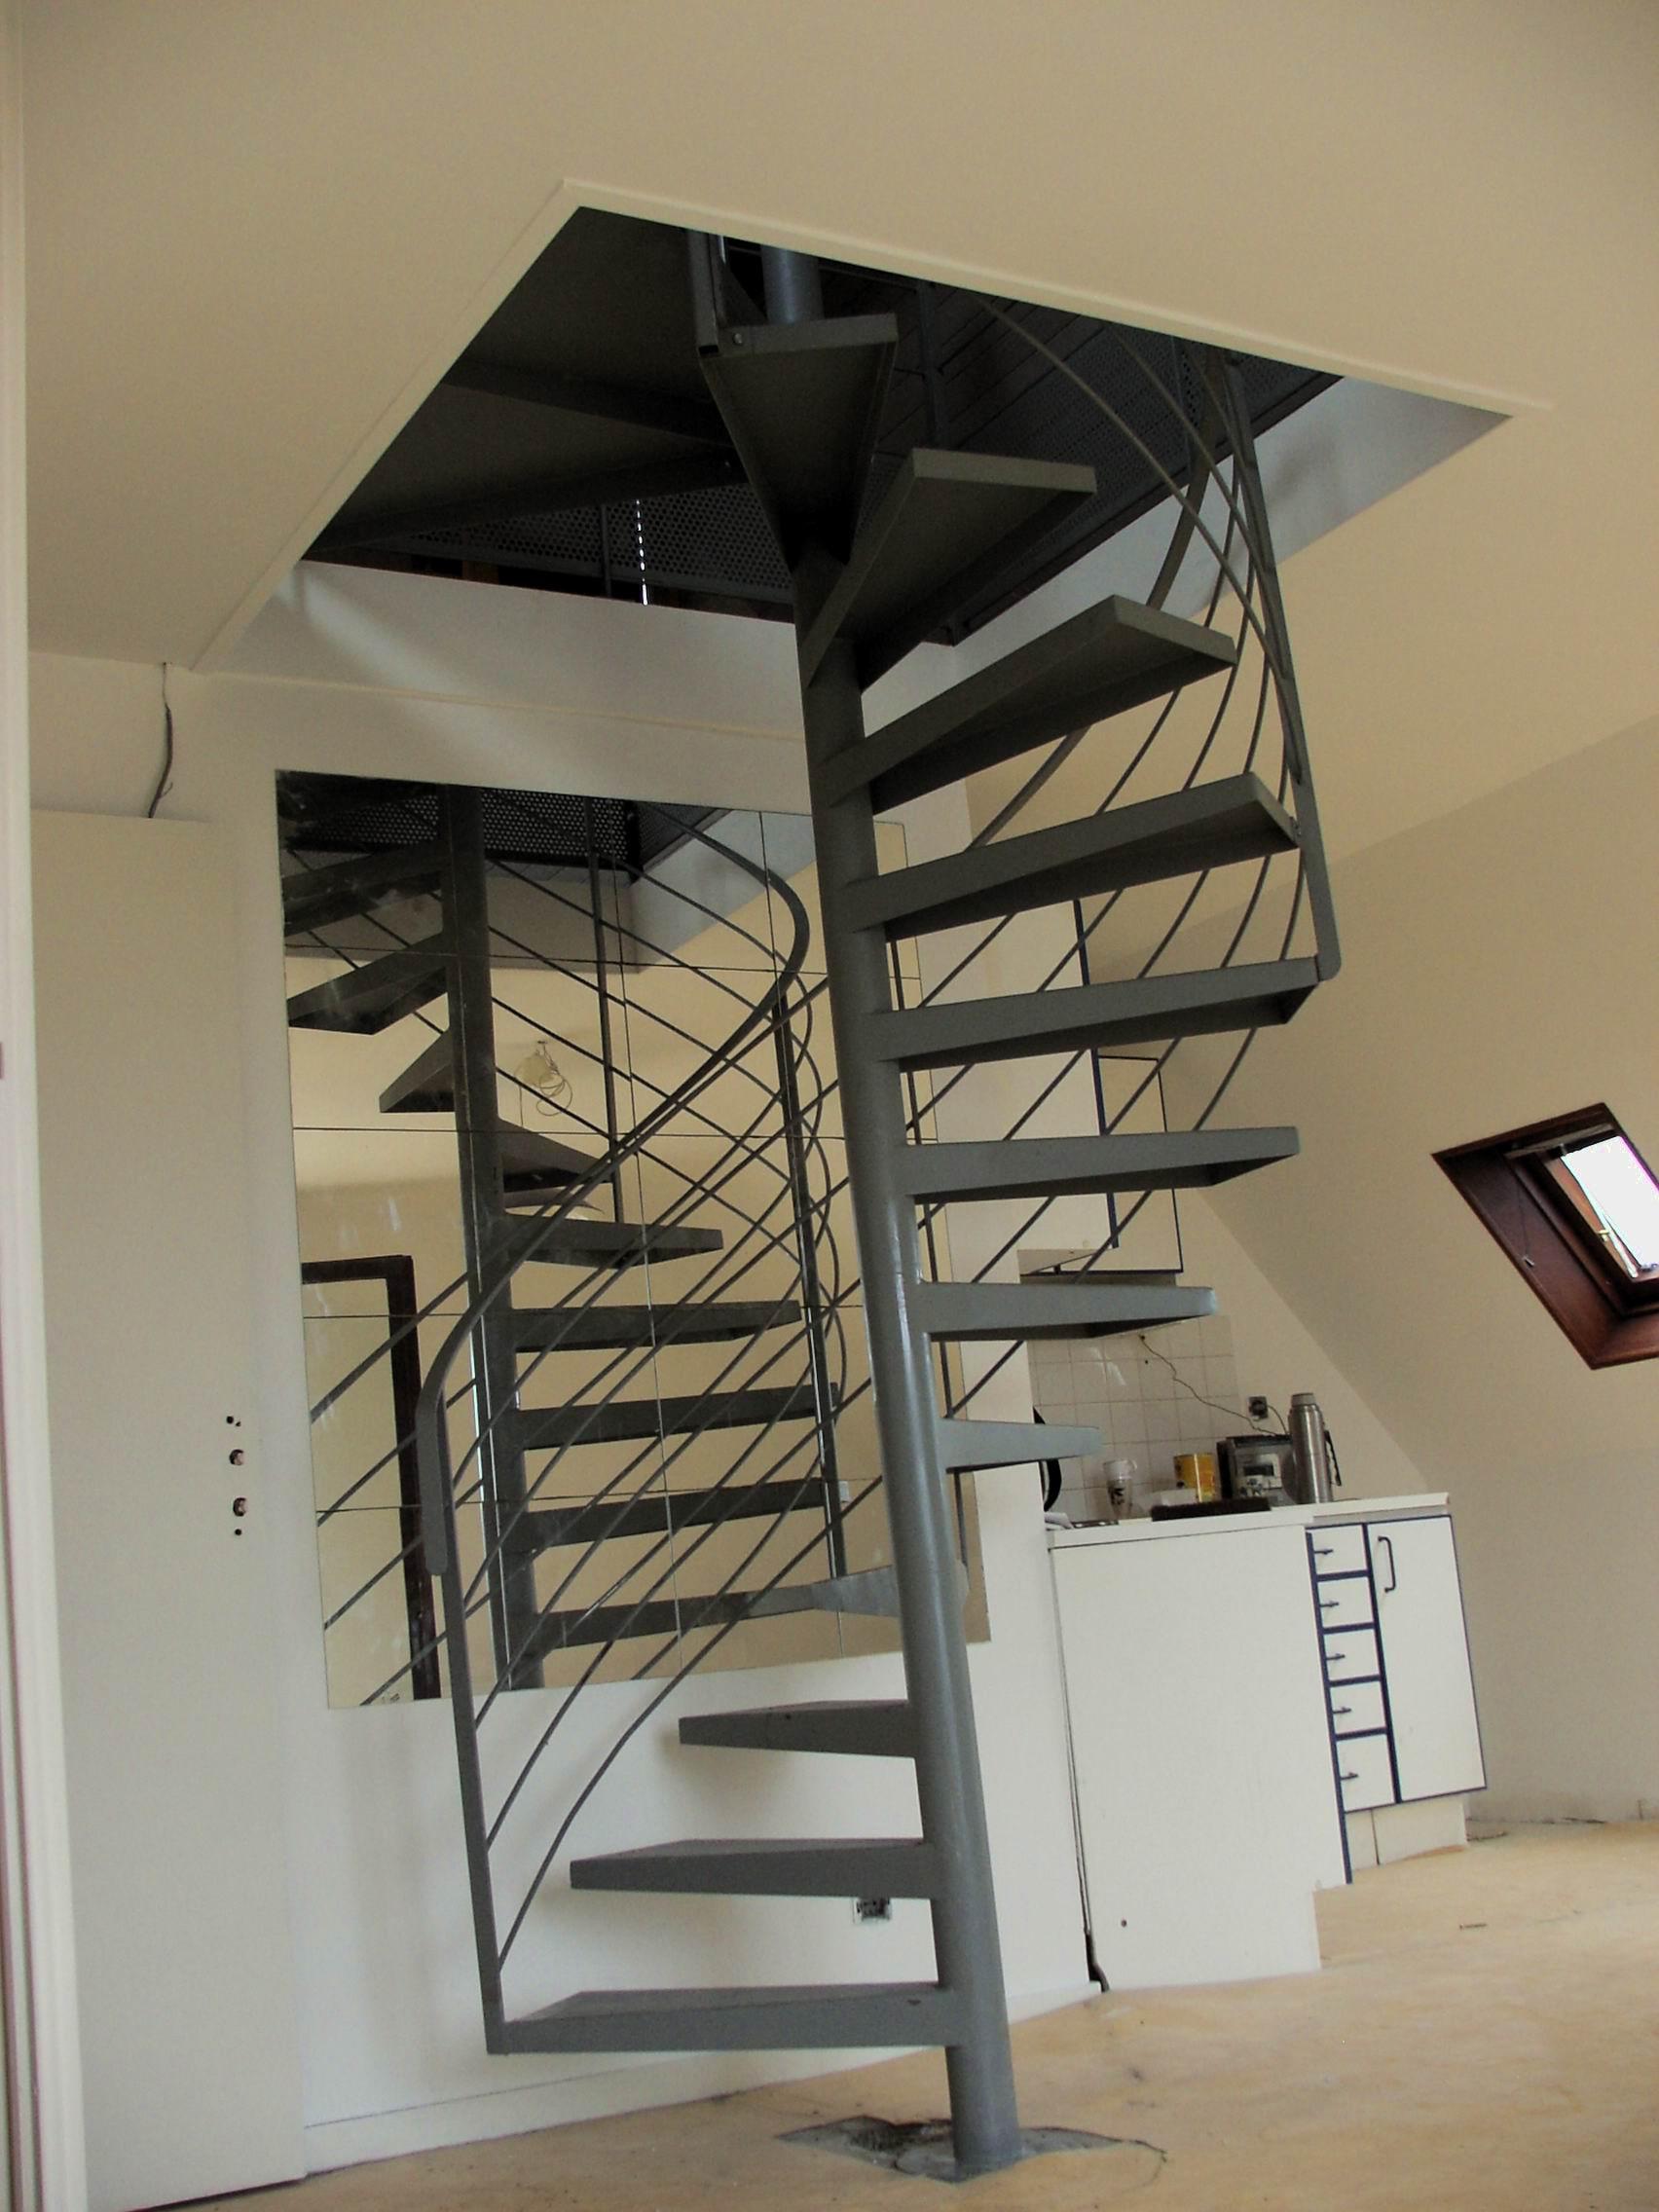 Assez ESCALIERS INTÉRIEURS HÉLICOÏDAUX - Billiet - Escaliers d'art  DD42